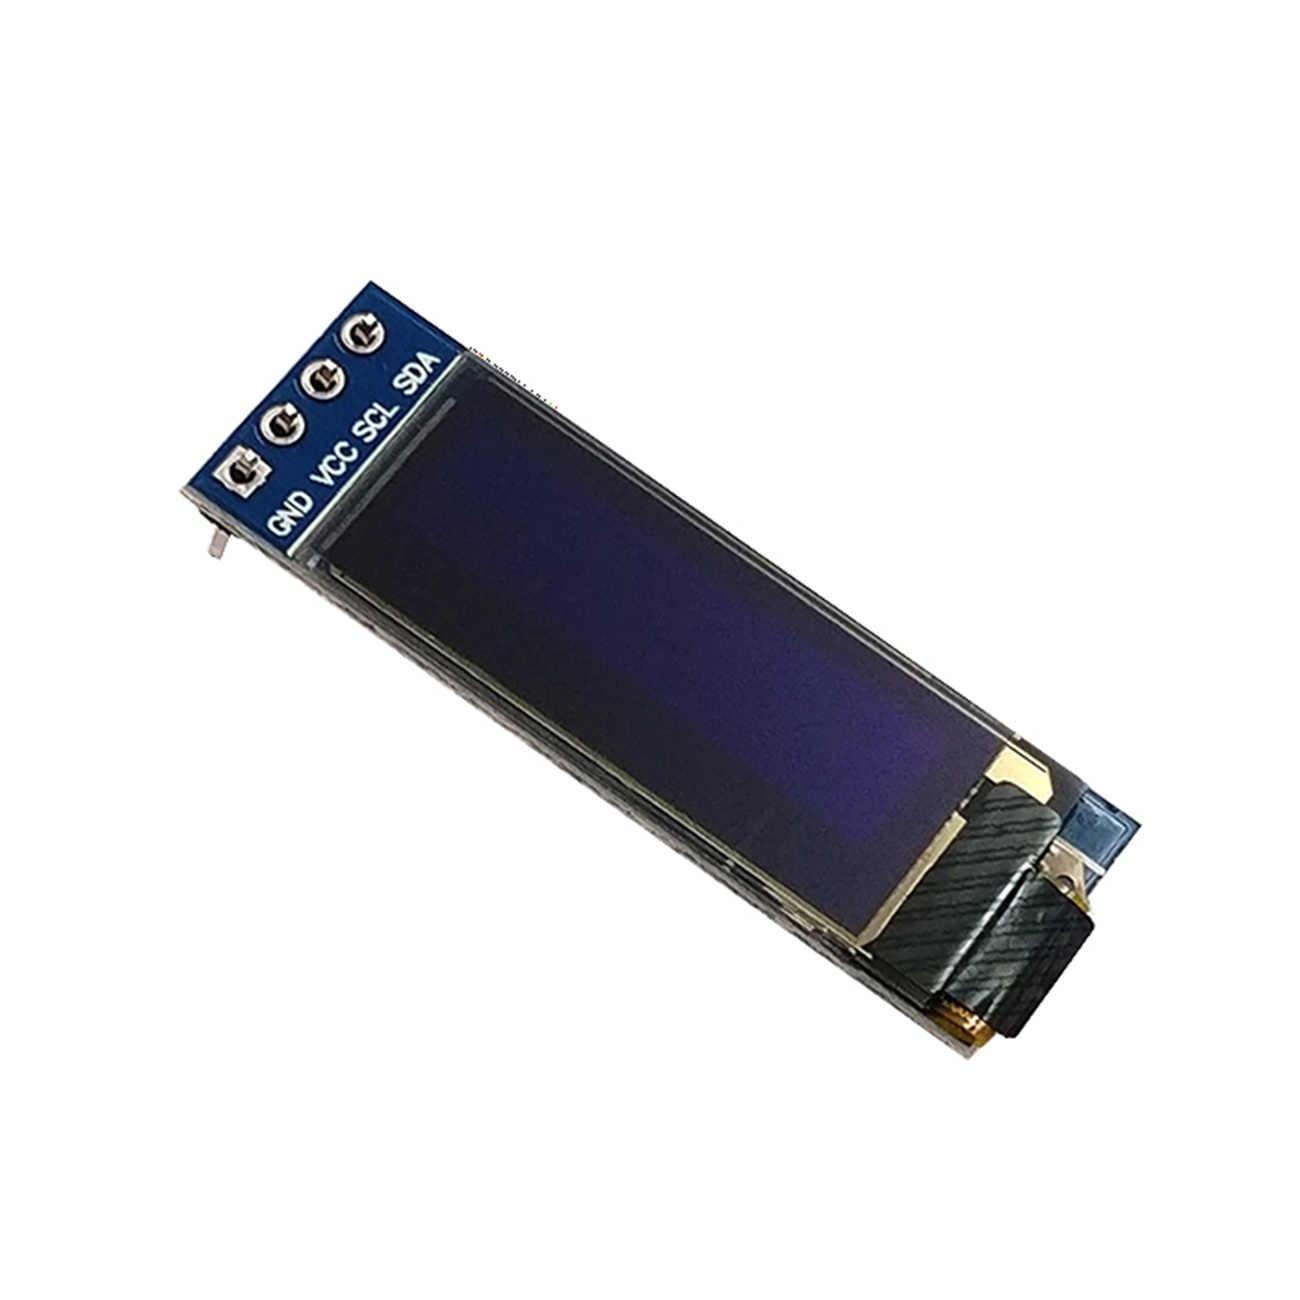 """0.91 pouces 128x32 I2C IIC série blanc bleu OLED module d'affichage à cristaux liquides 0.91 """"12832 SSD1306 écran LCD pour Arduino"""